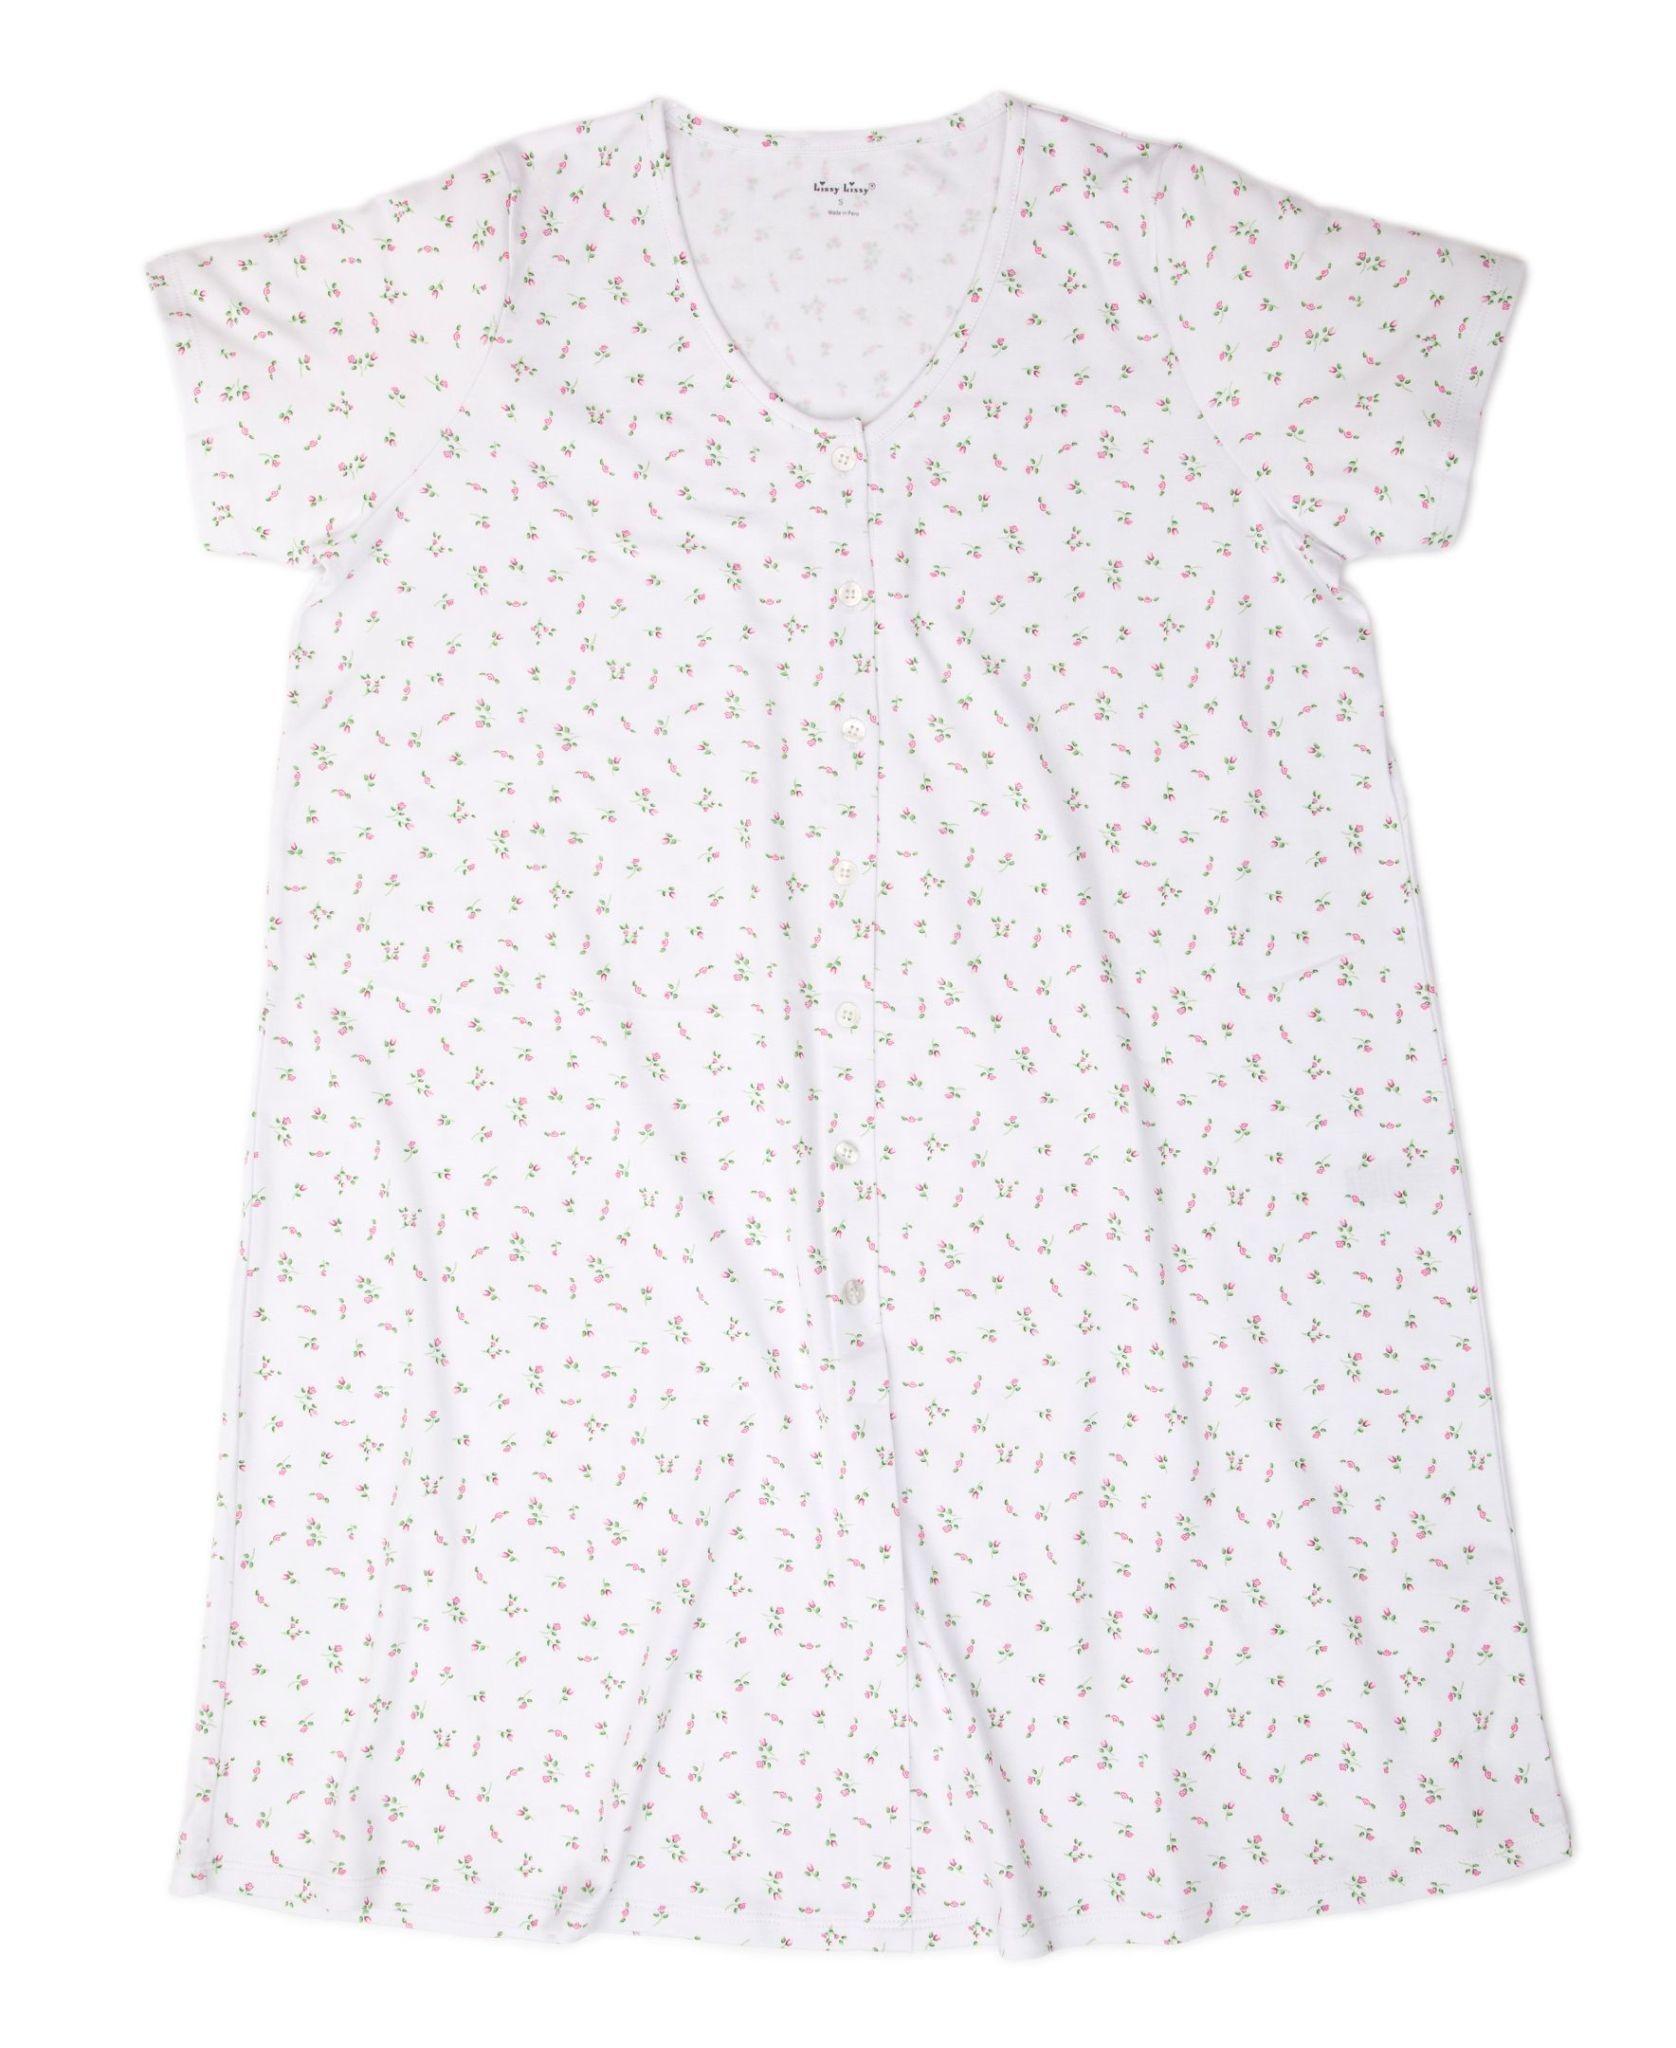 Kissy Kissy Adult Nightgown